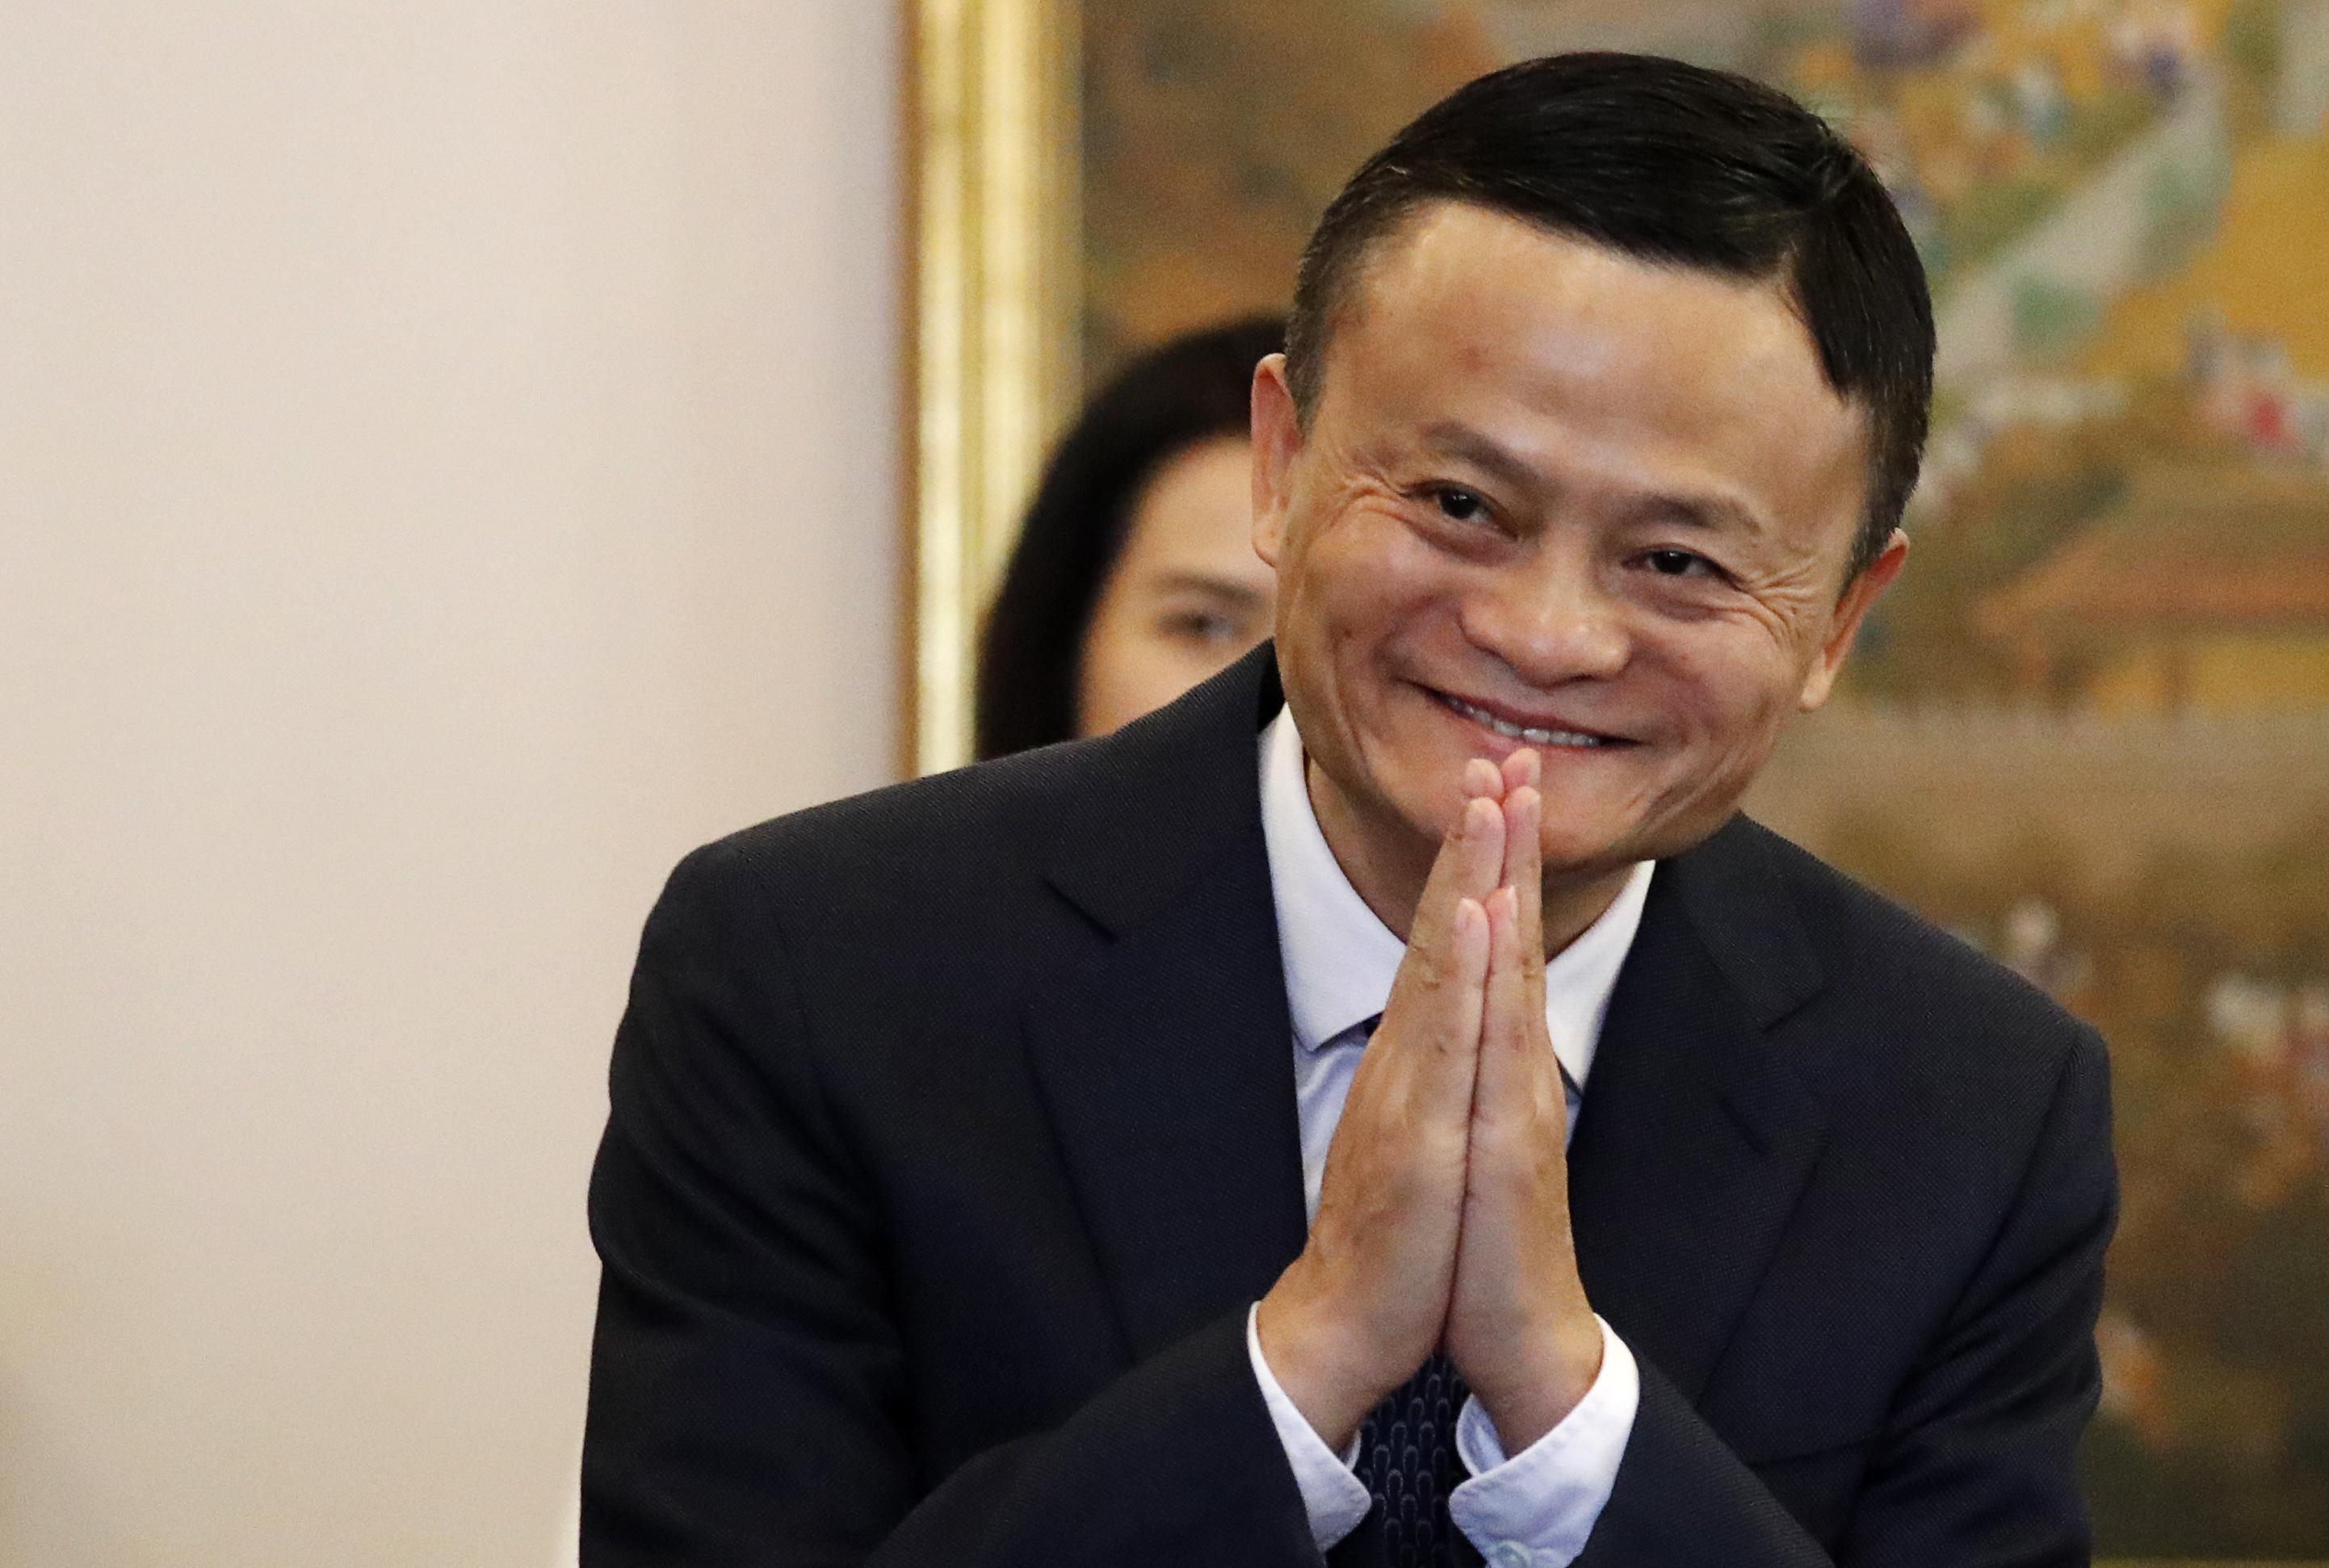 Koronavírusteszteket és védőfelszerelést adományoz Afrikának Jack Ma